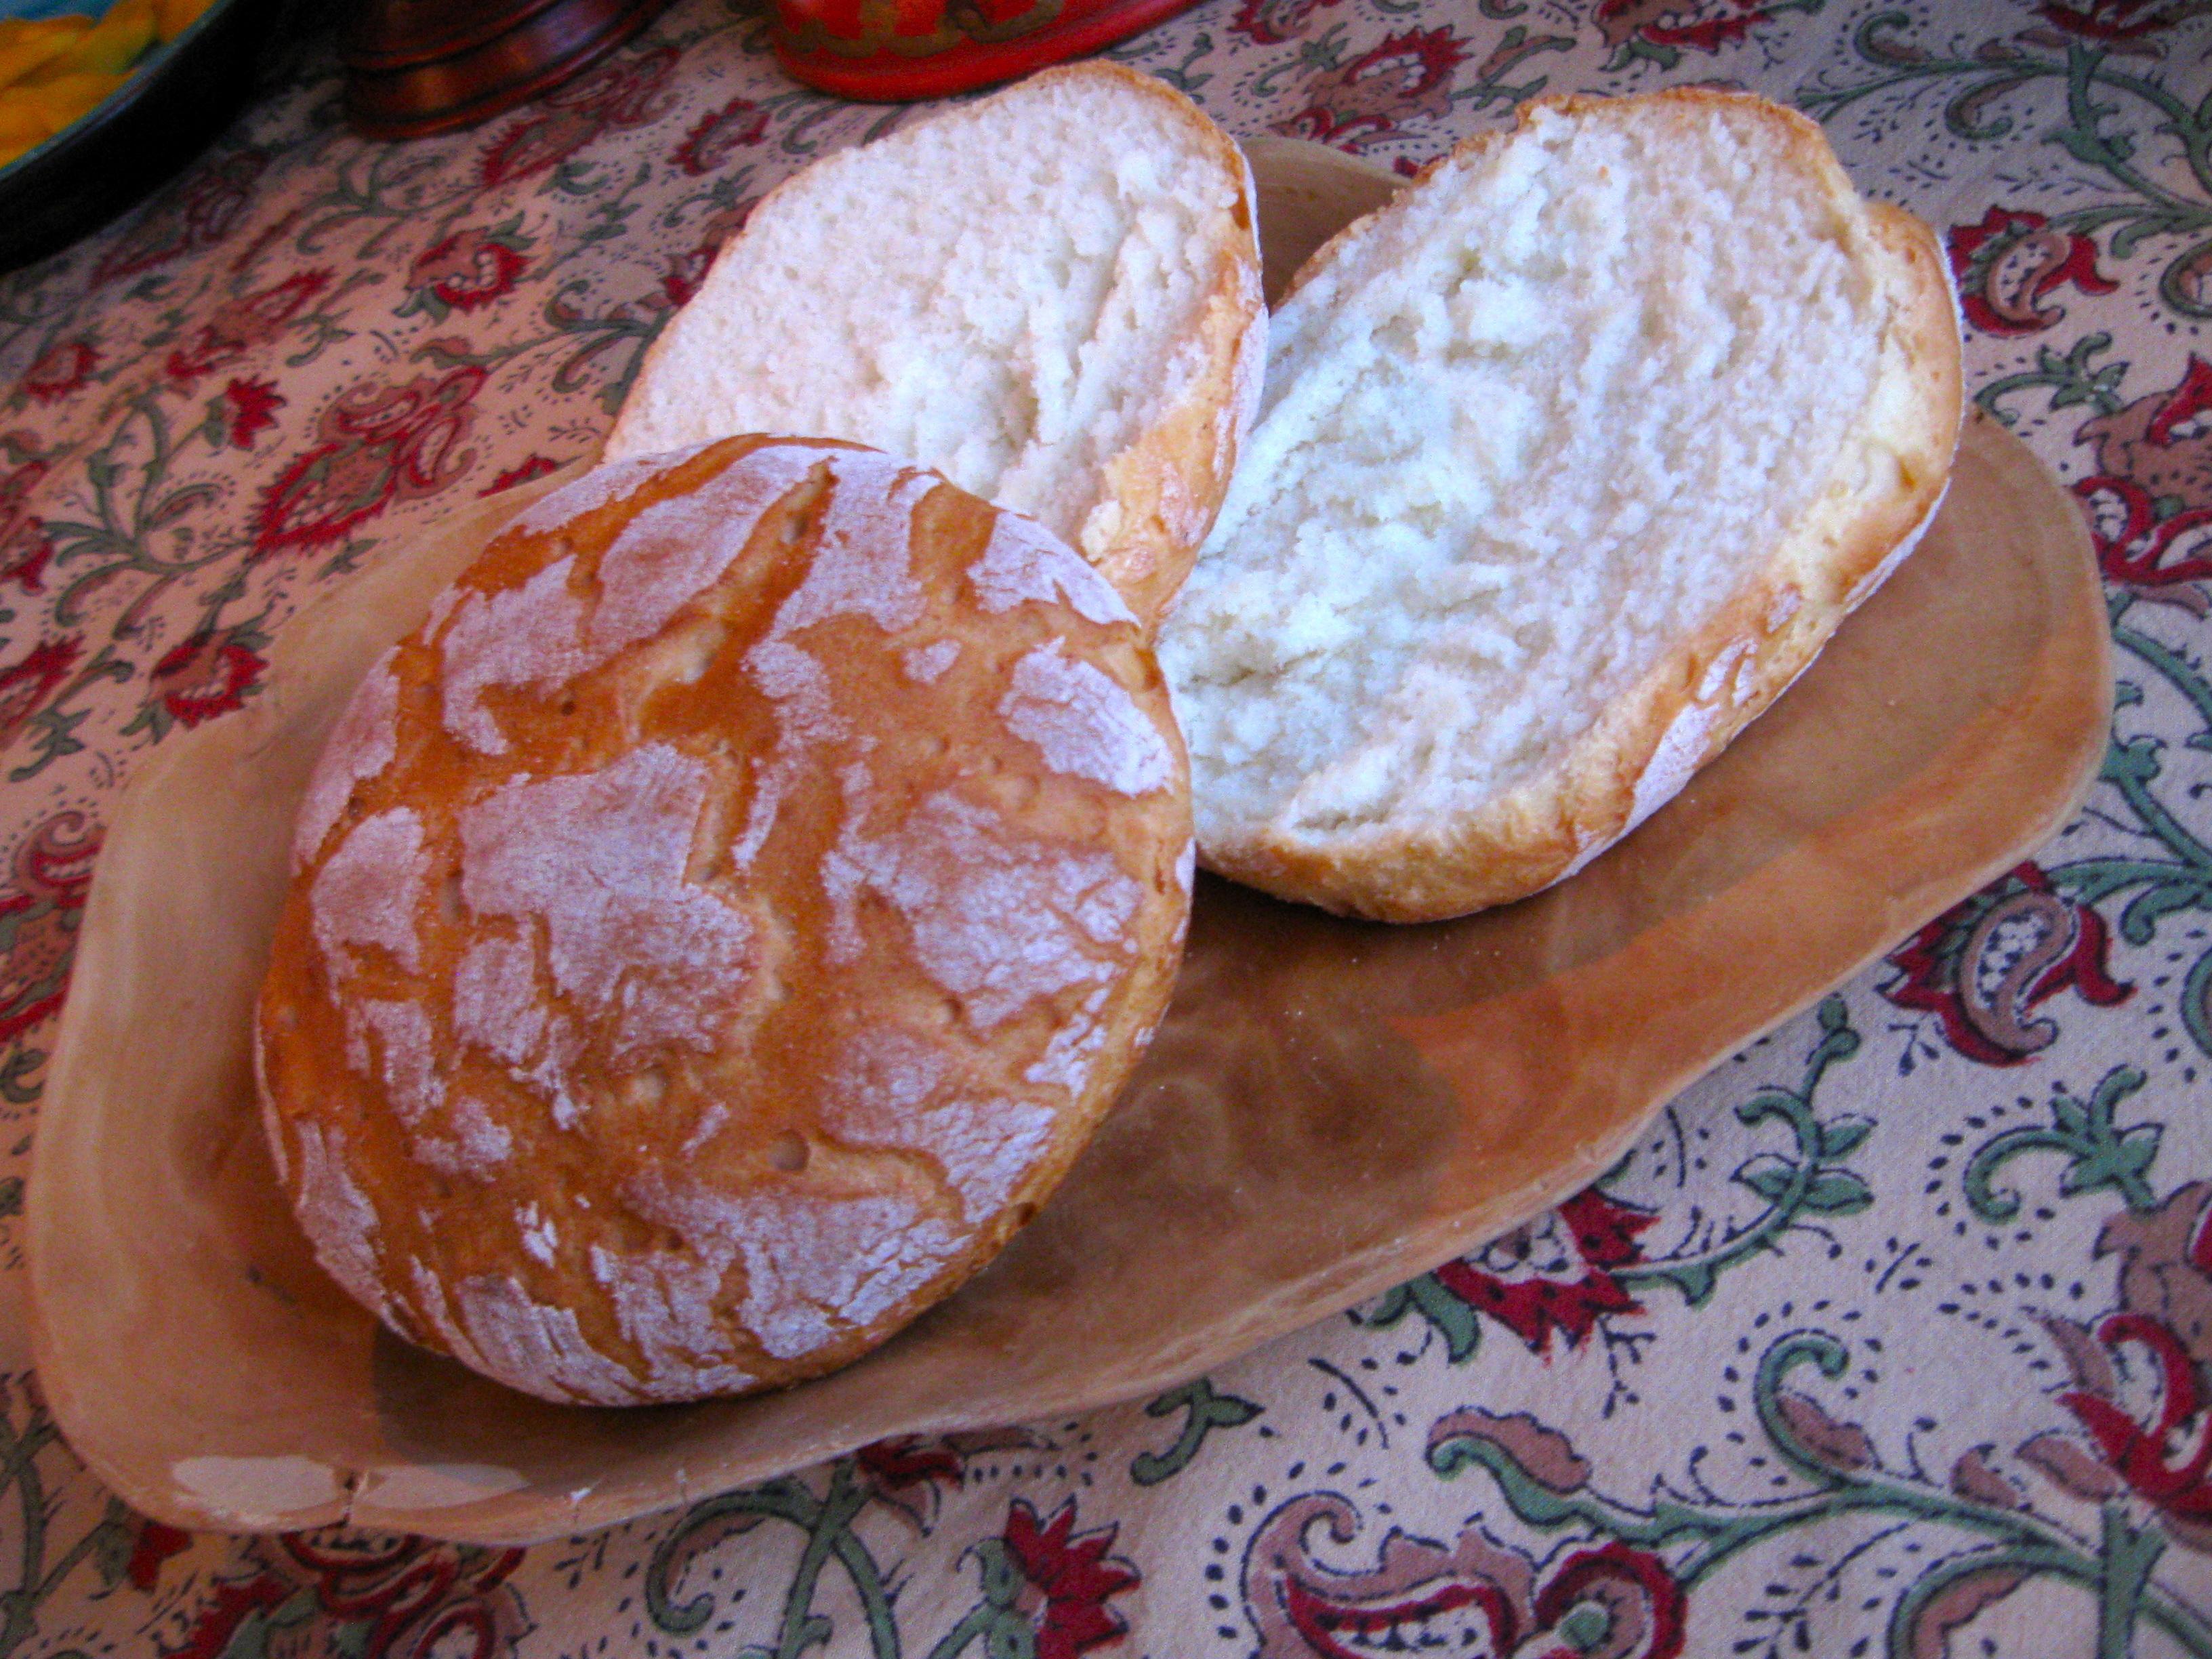 jäsa i kall ugn snabb bröd